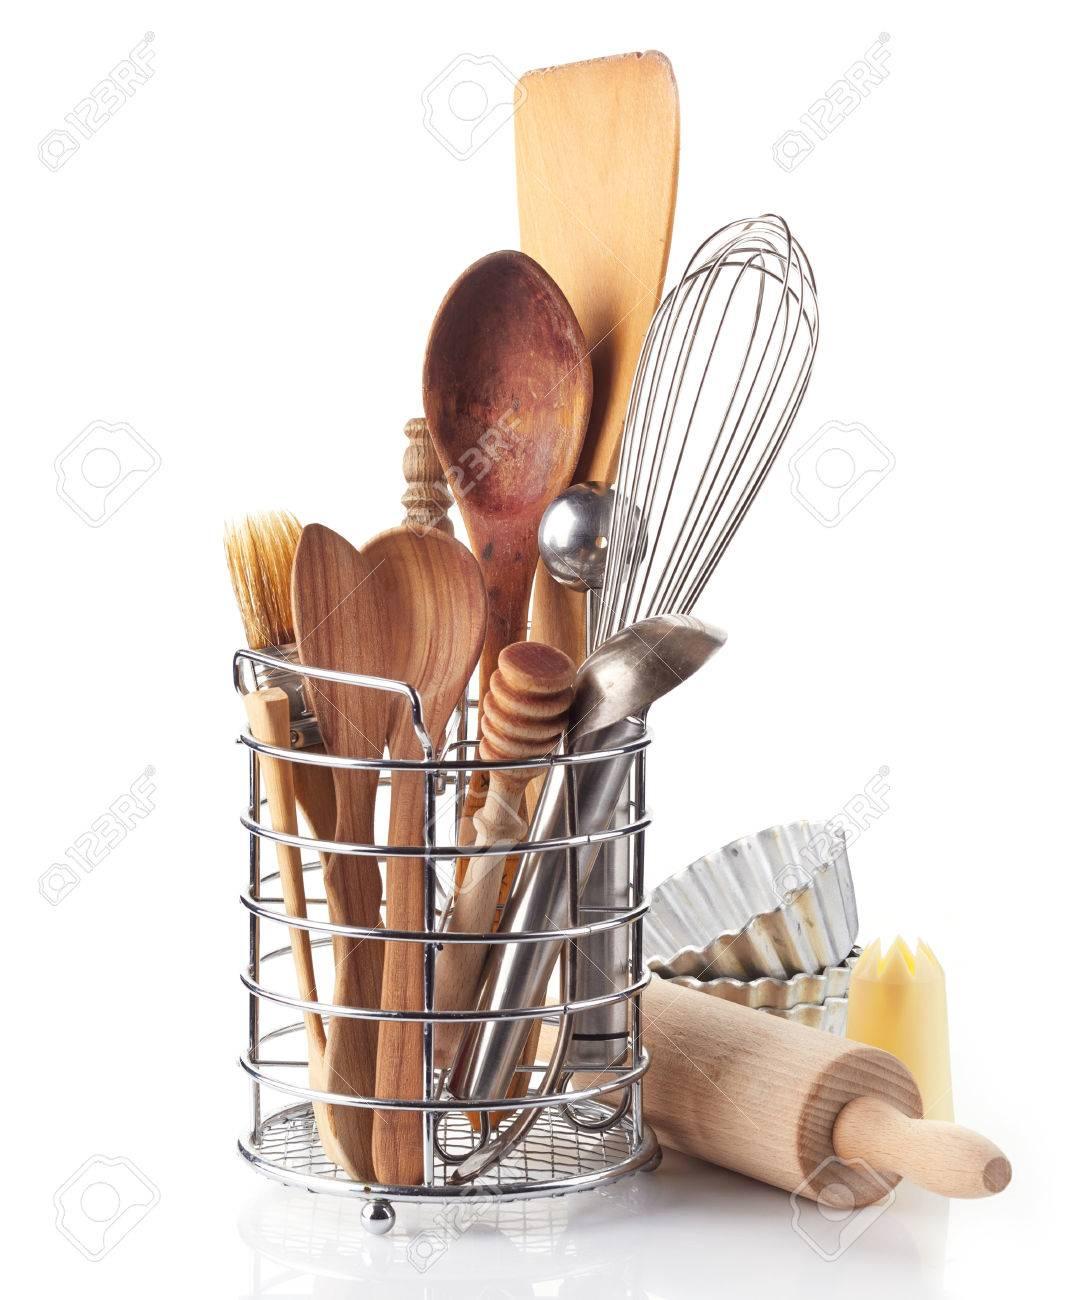 kitchen utensils on a white background - 31468339